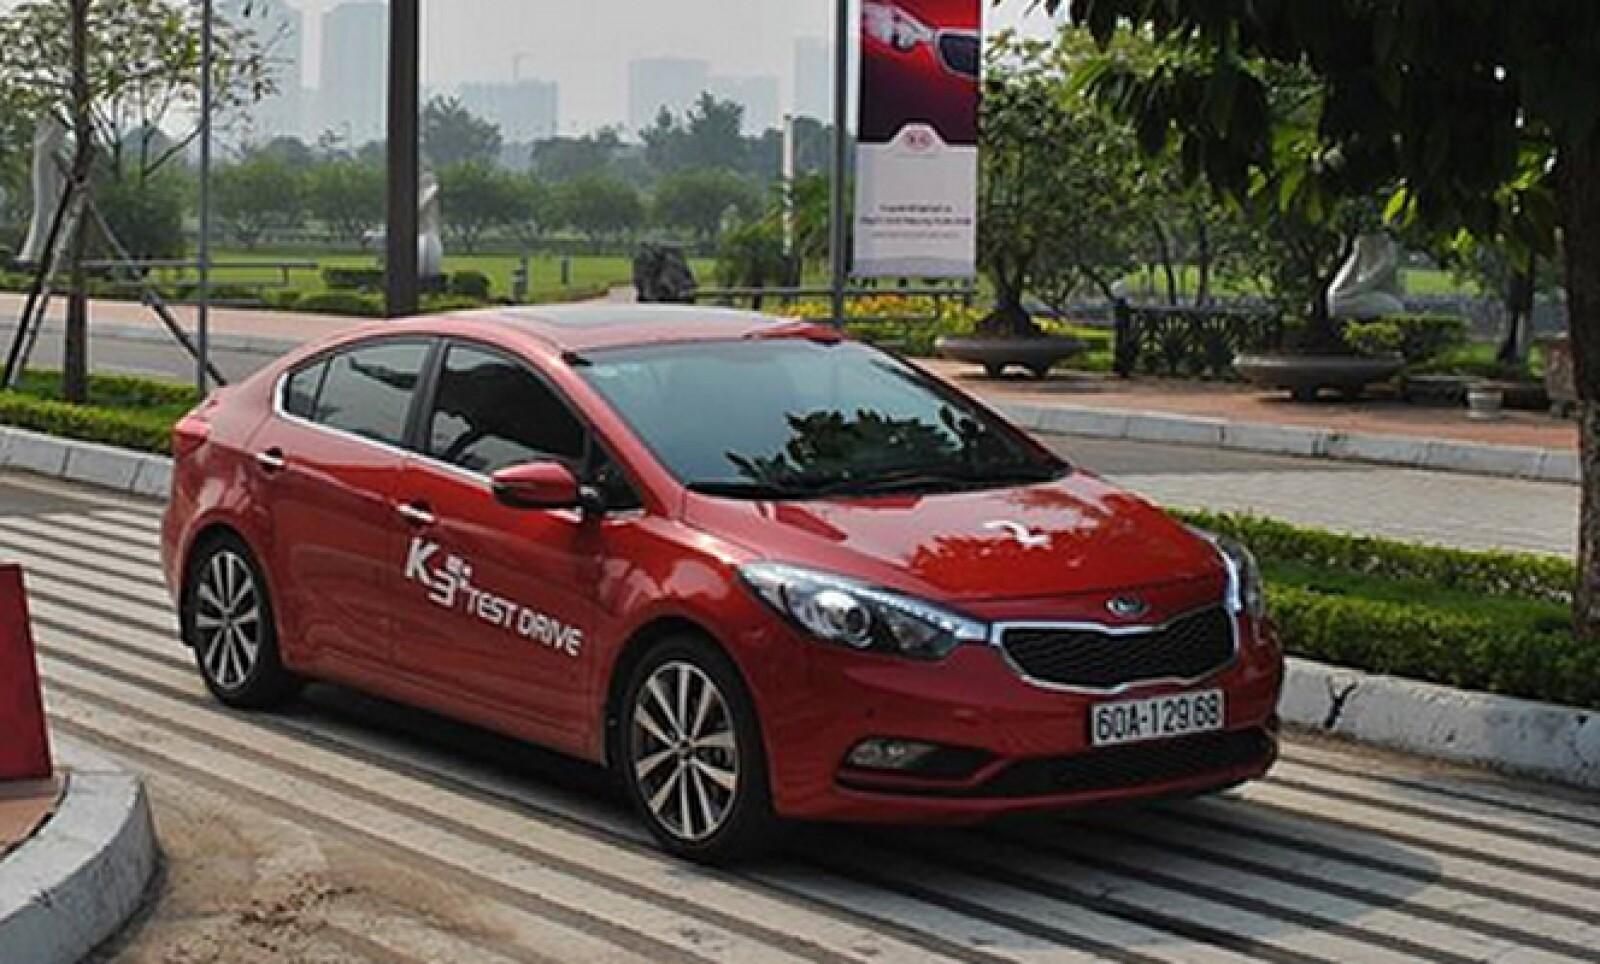 La planta de Kia Motors que se construirá en Nuevo León producirá 300,000 vehículos anuales. Fuentes dijeron que los modelos que armará en el país son: Forte, Rio y Sportage.